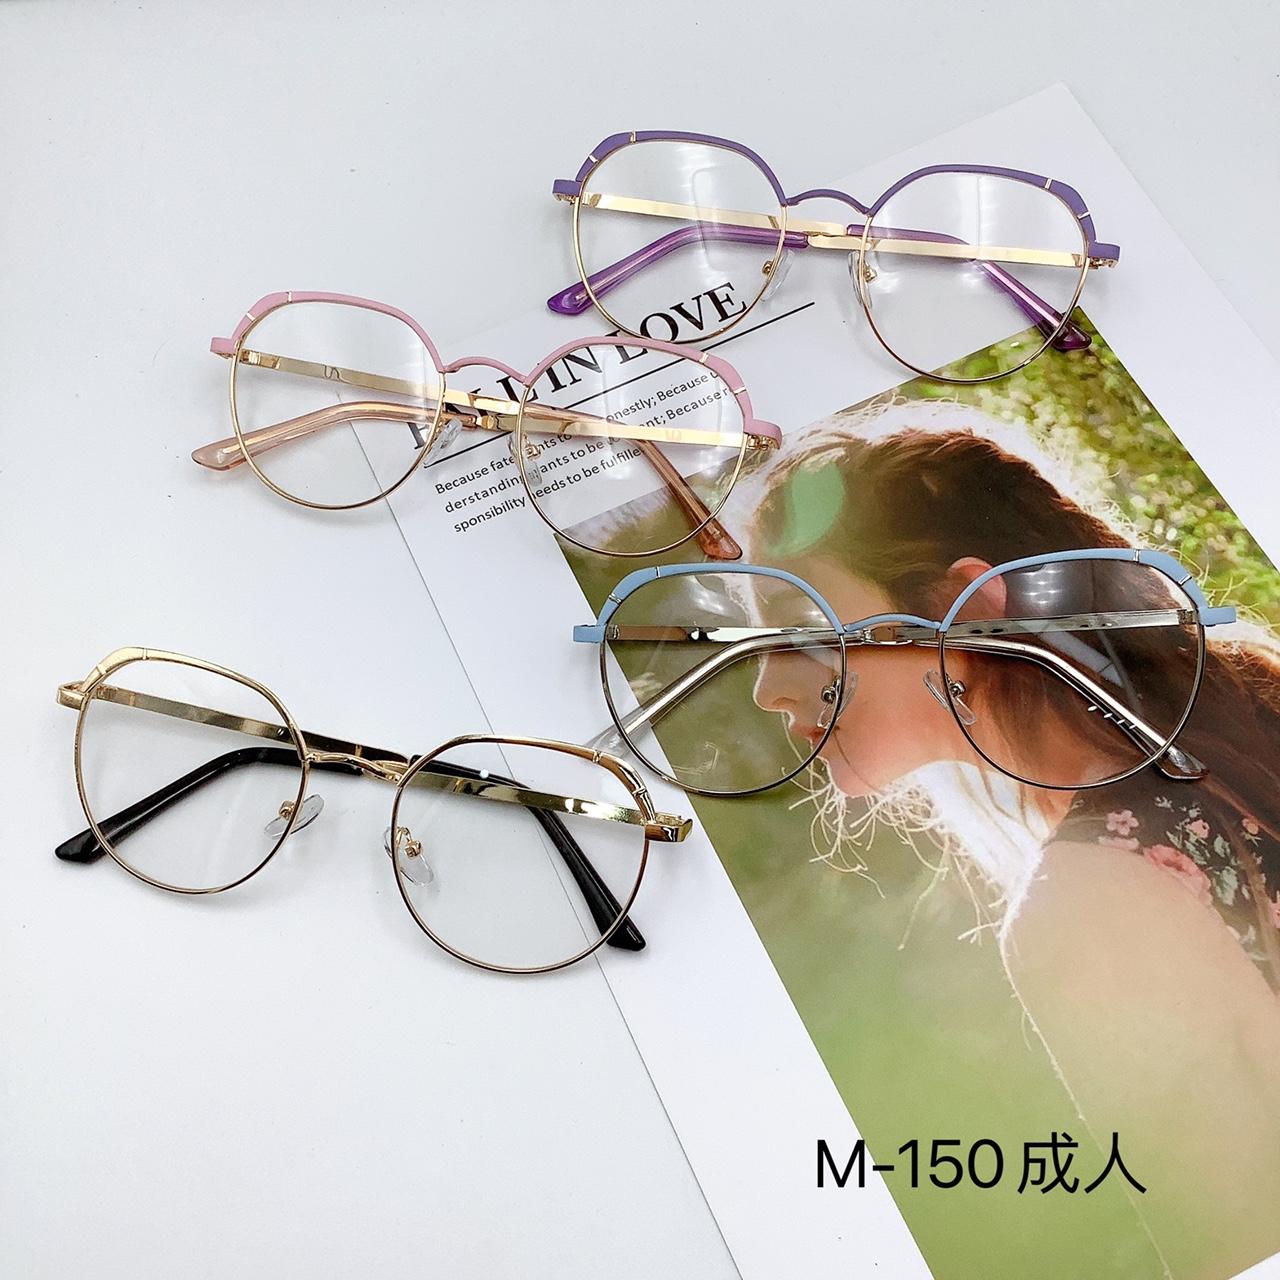 新款韩版时尚成人平光镜 圆框复古可配近视眼镜 M-150